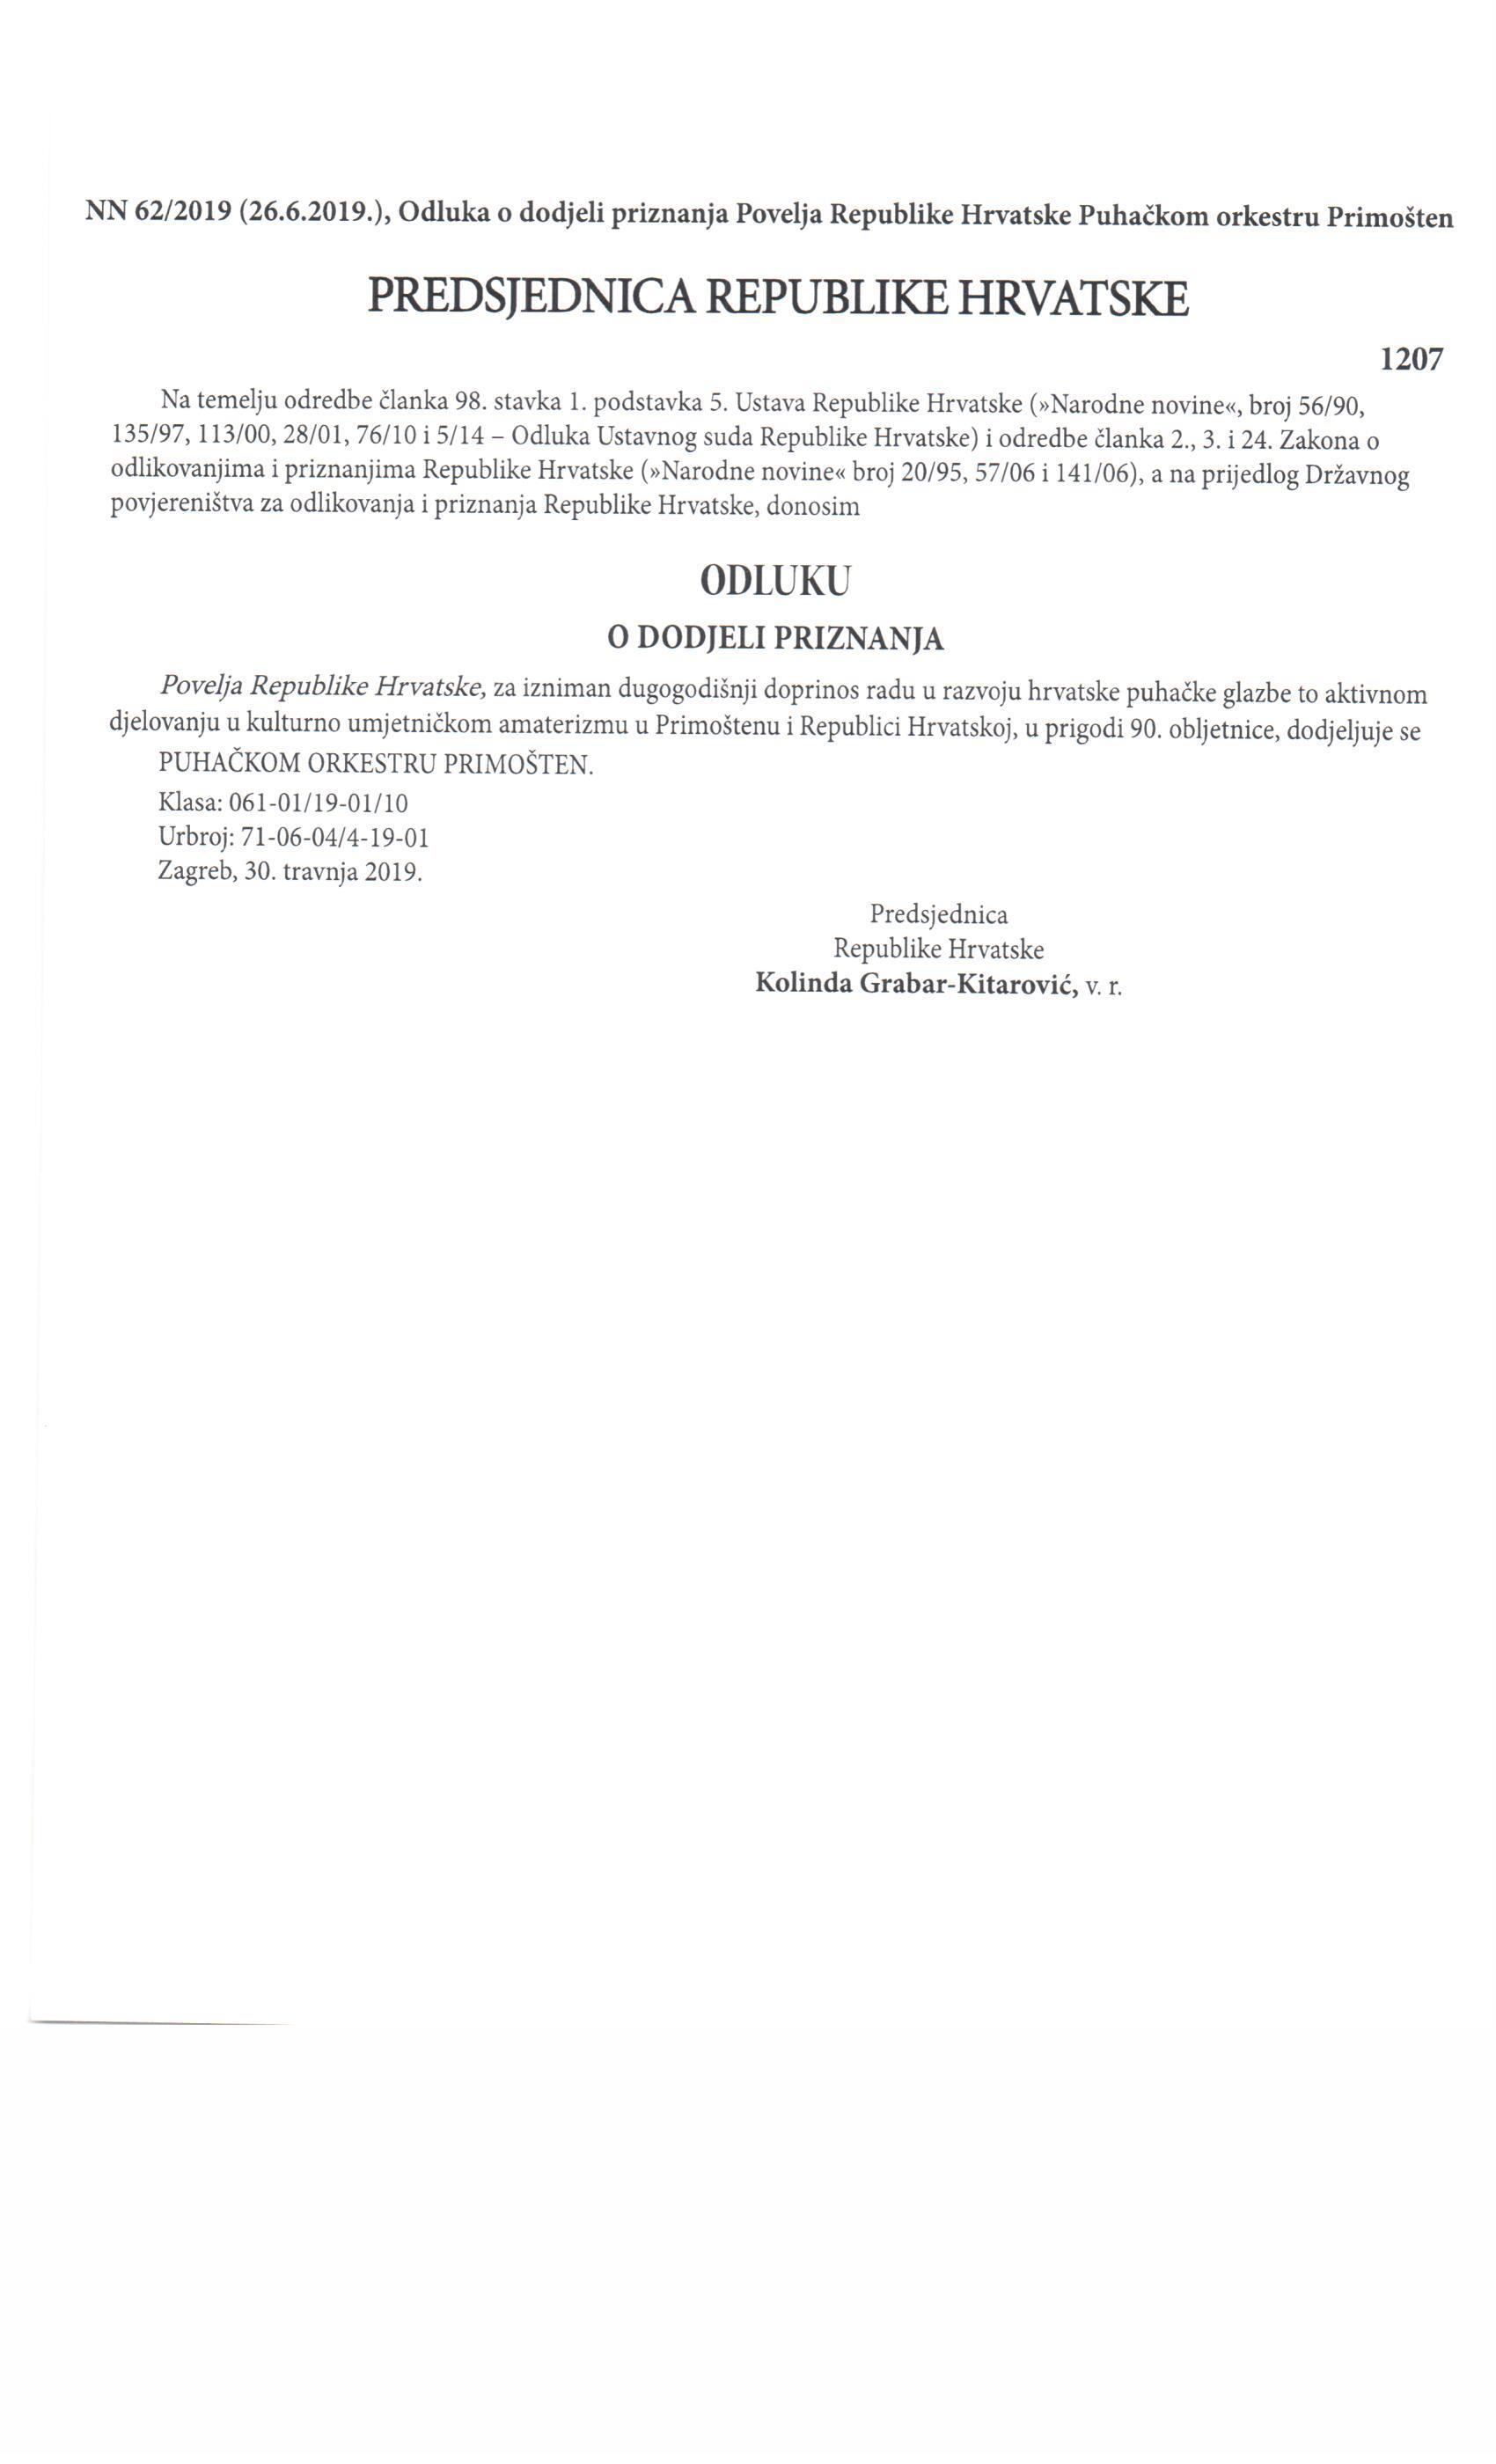 priznanje_puhacki_orkestar